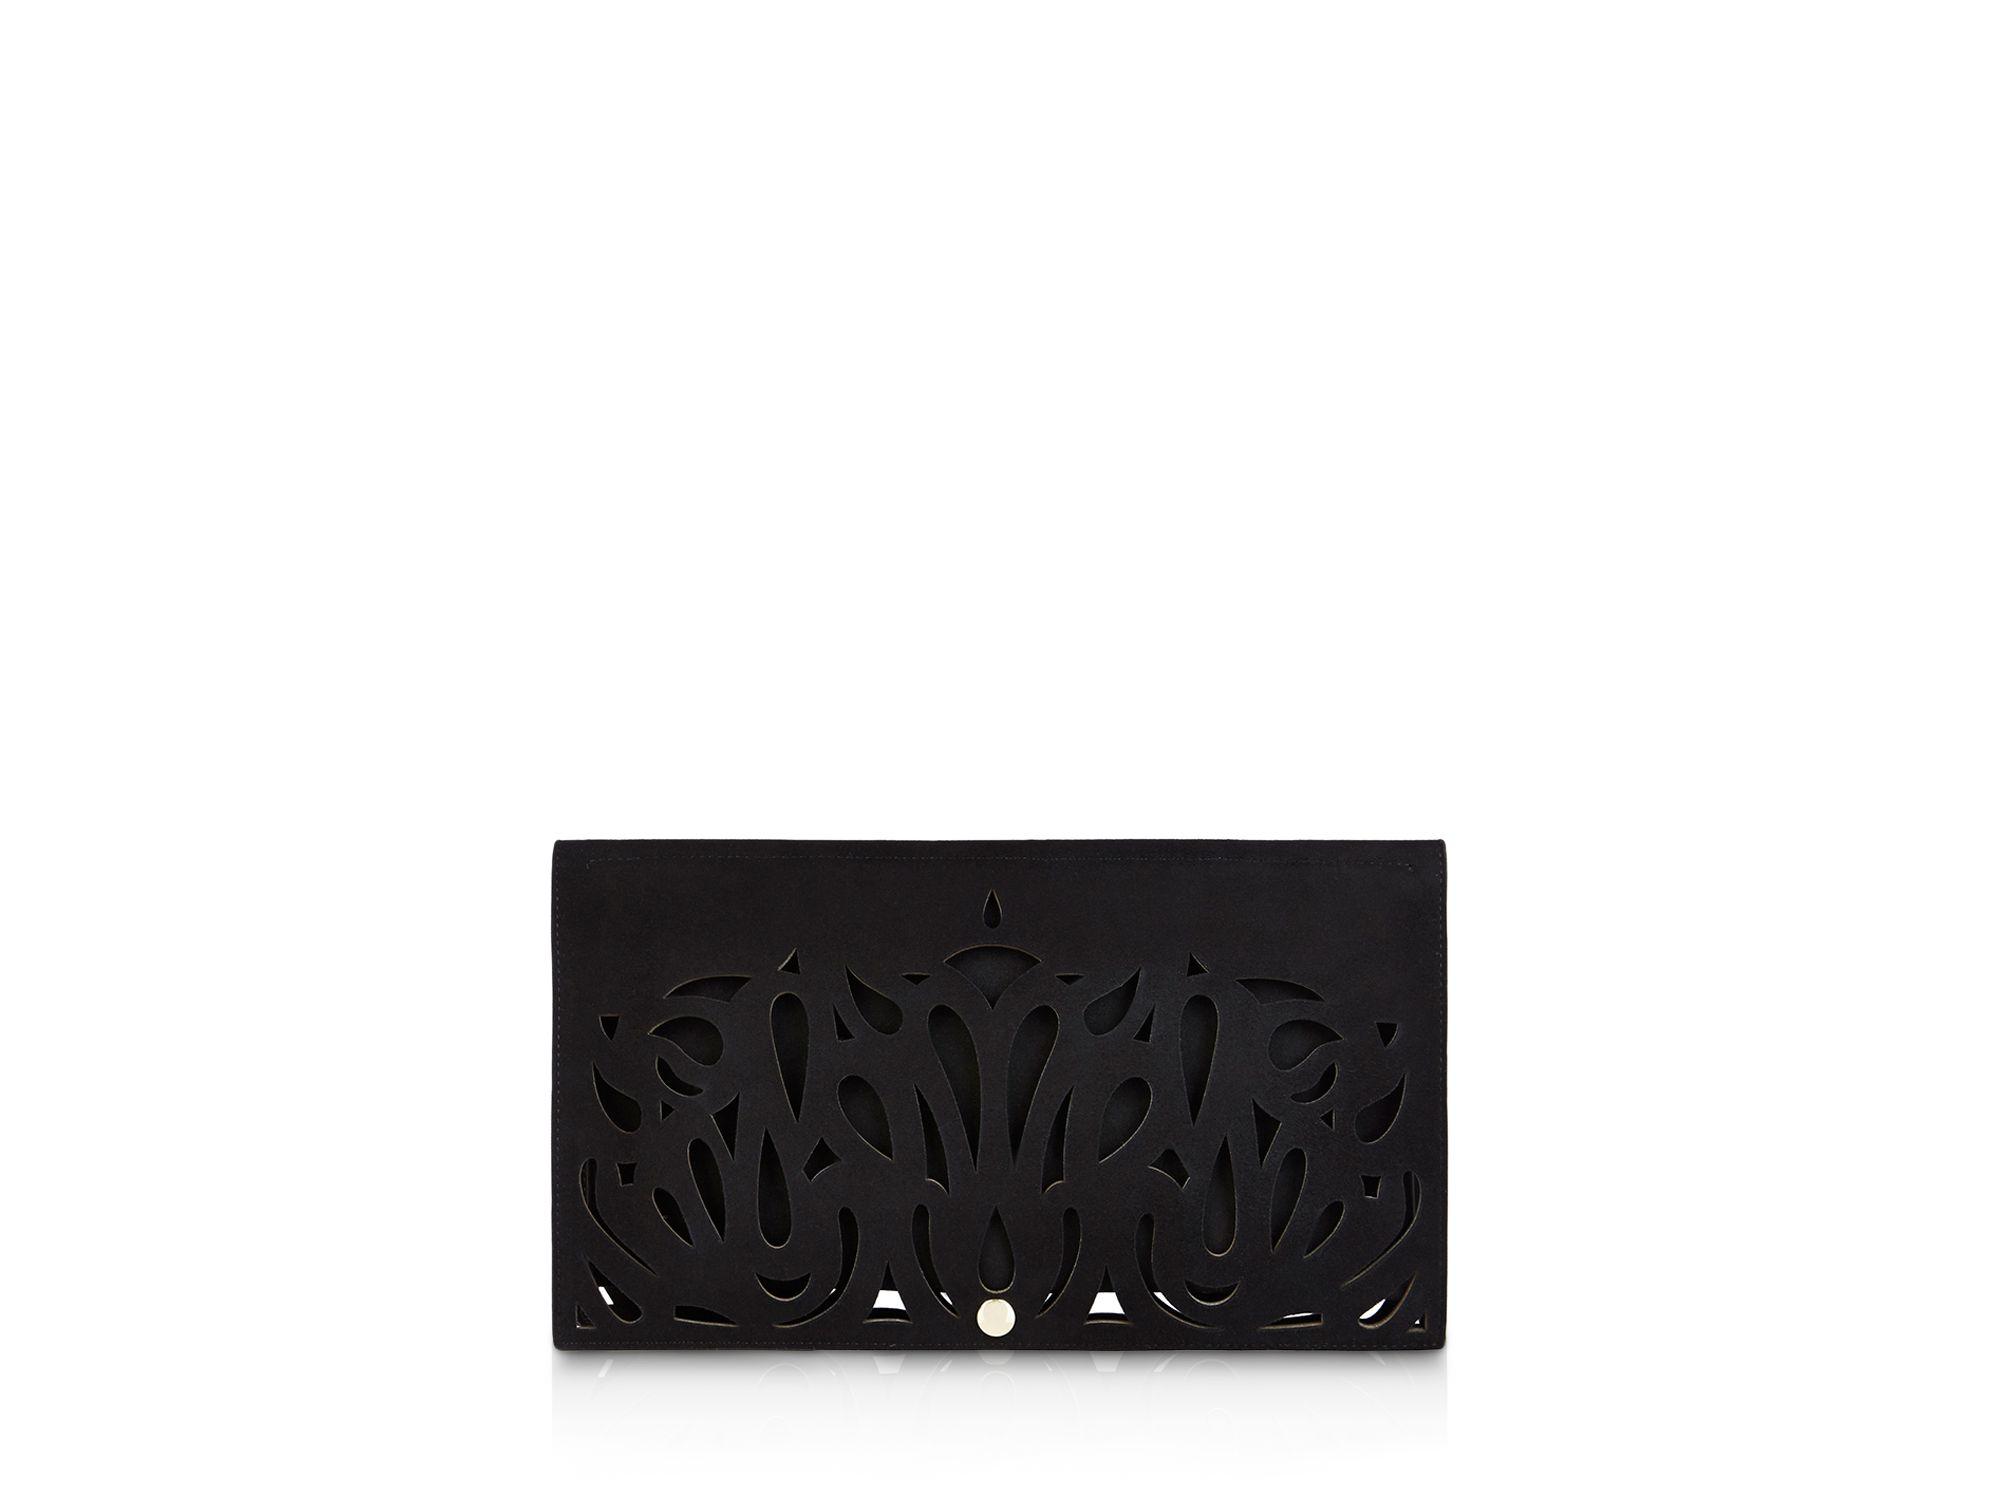 7ae6b09161a Karen Millen Cutout Clutch in Black - Lyst